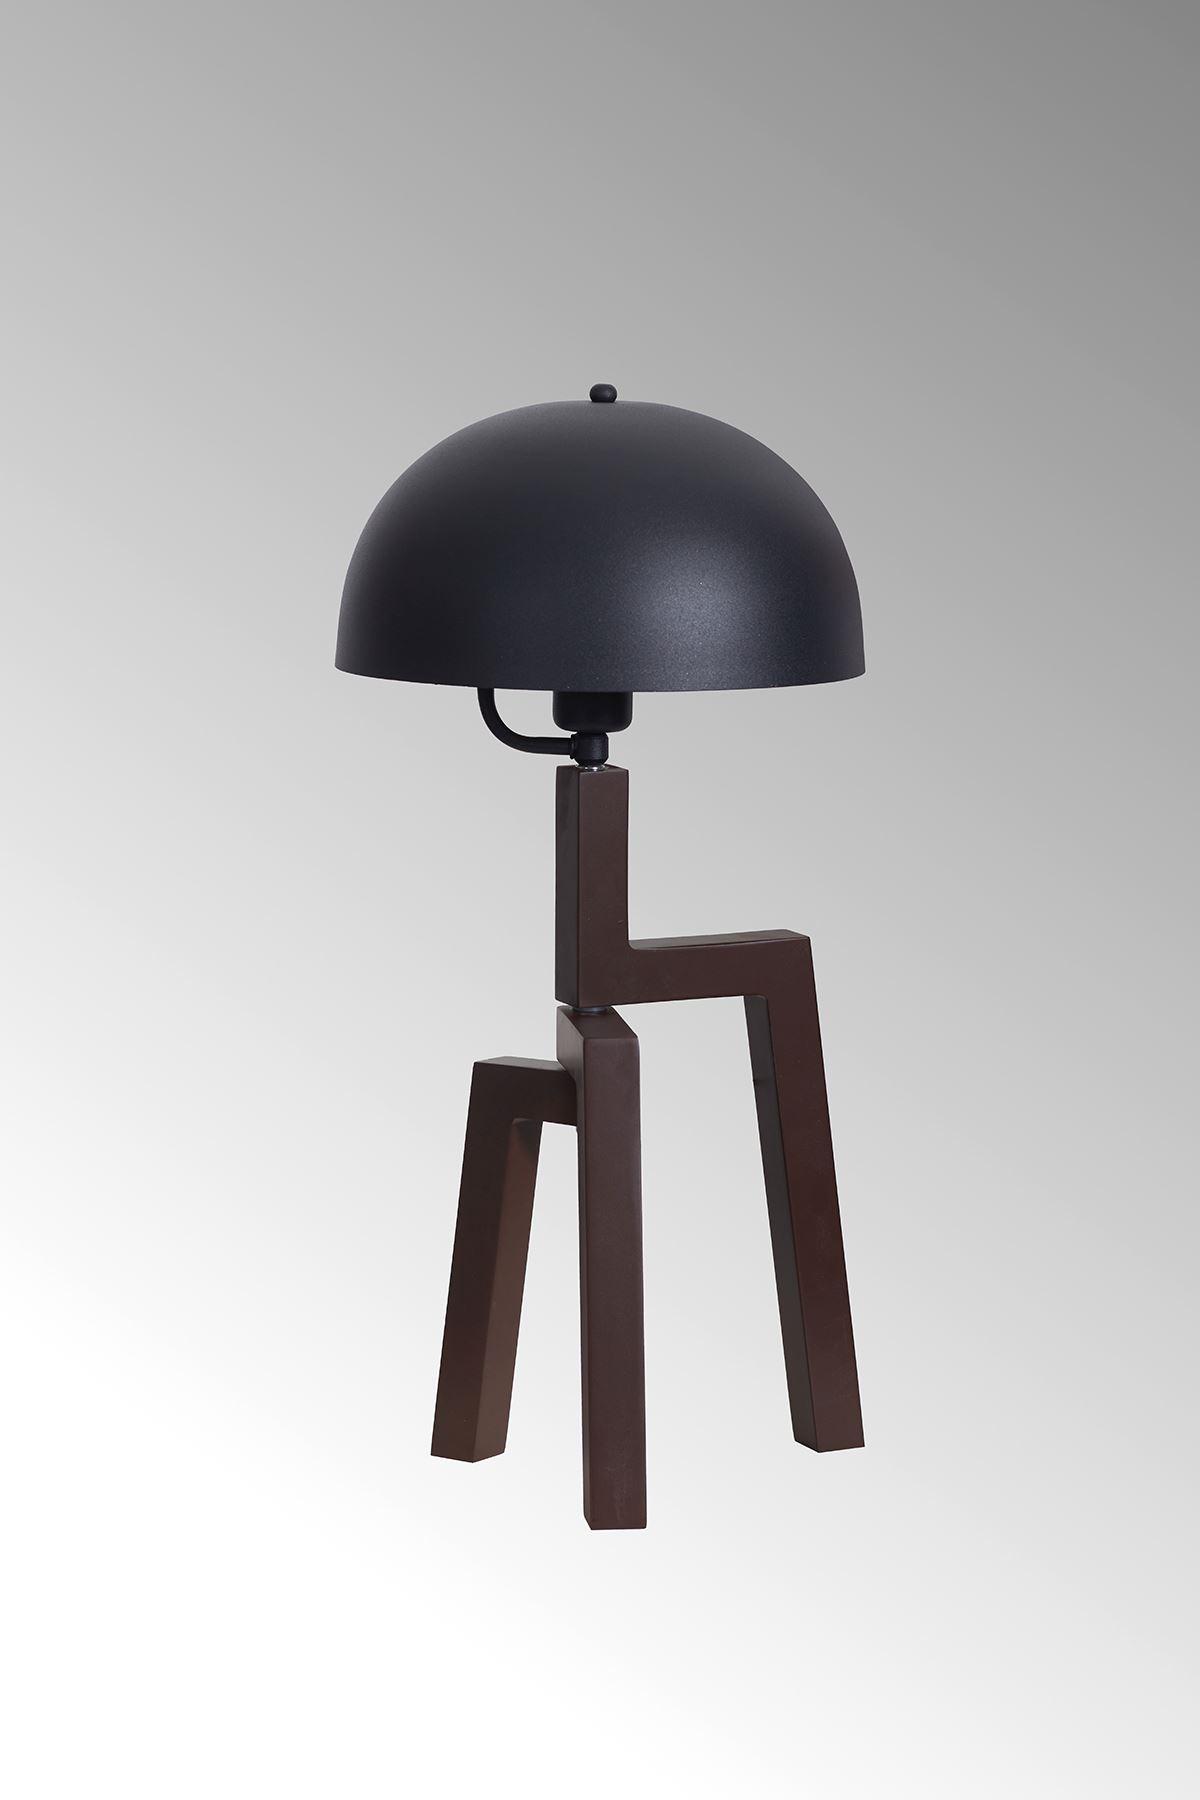 Viyana Kahverengi Ahşap Gövde Siyah Başlık Tasarım Lüx Masa Lambası